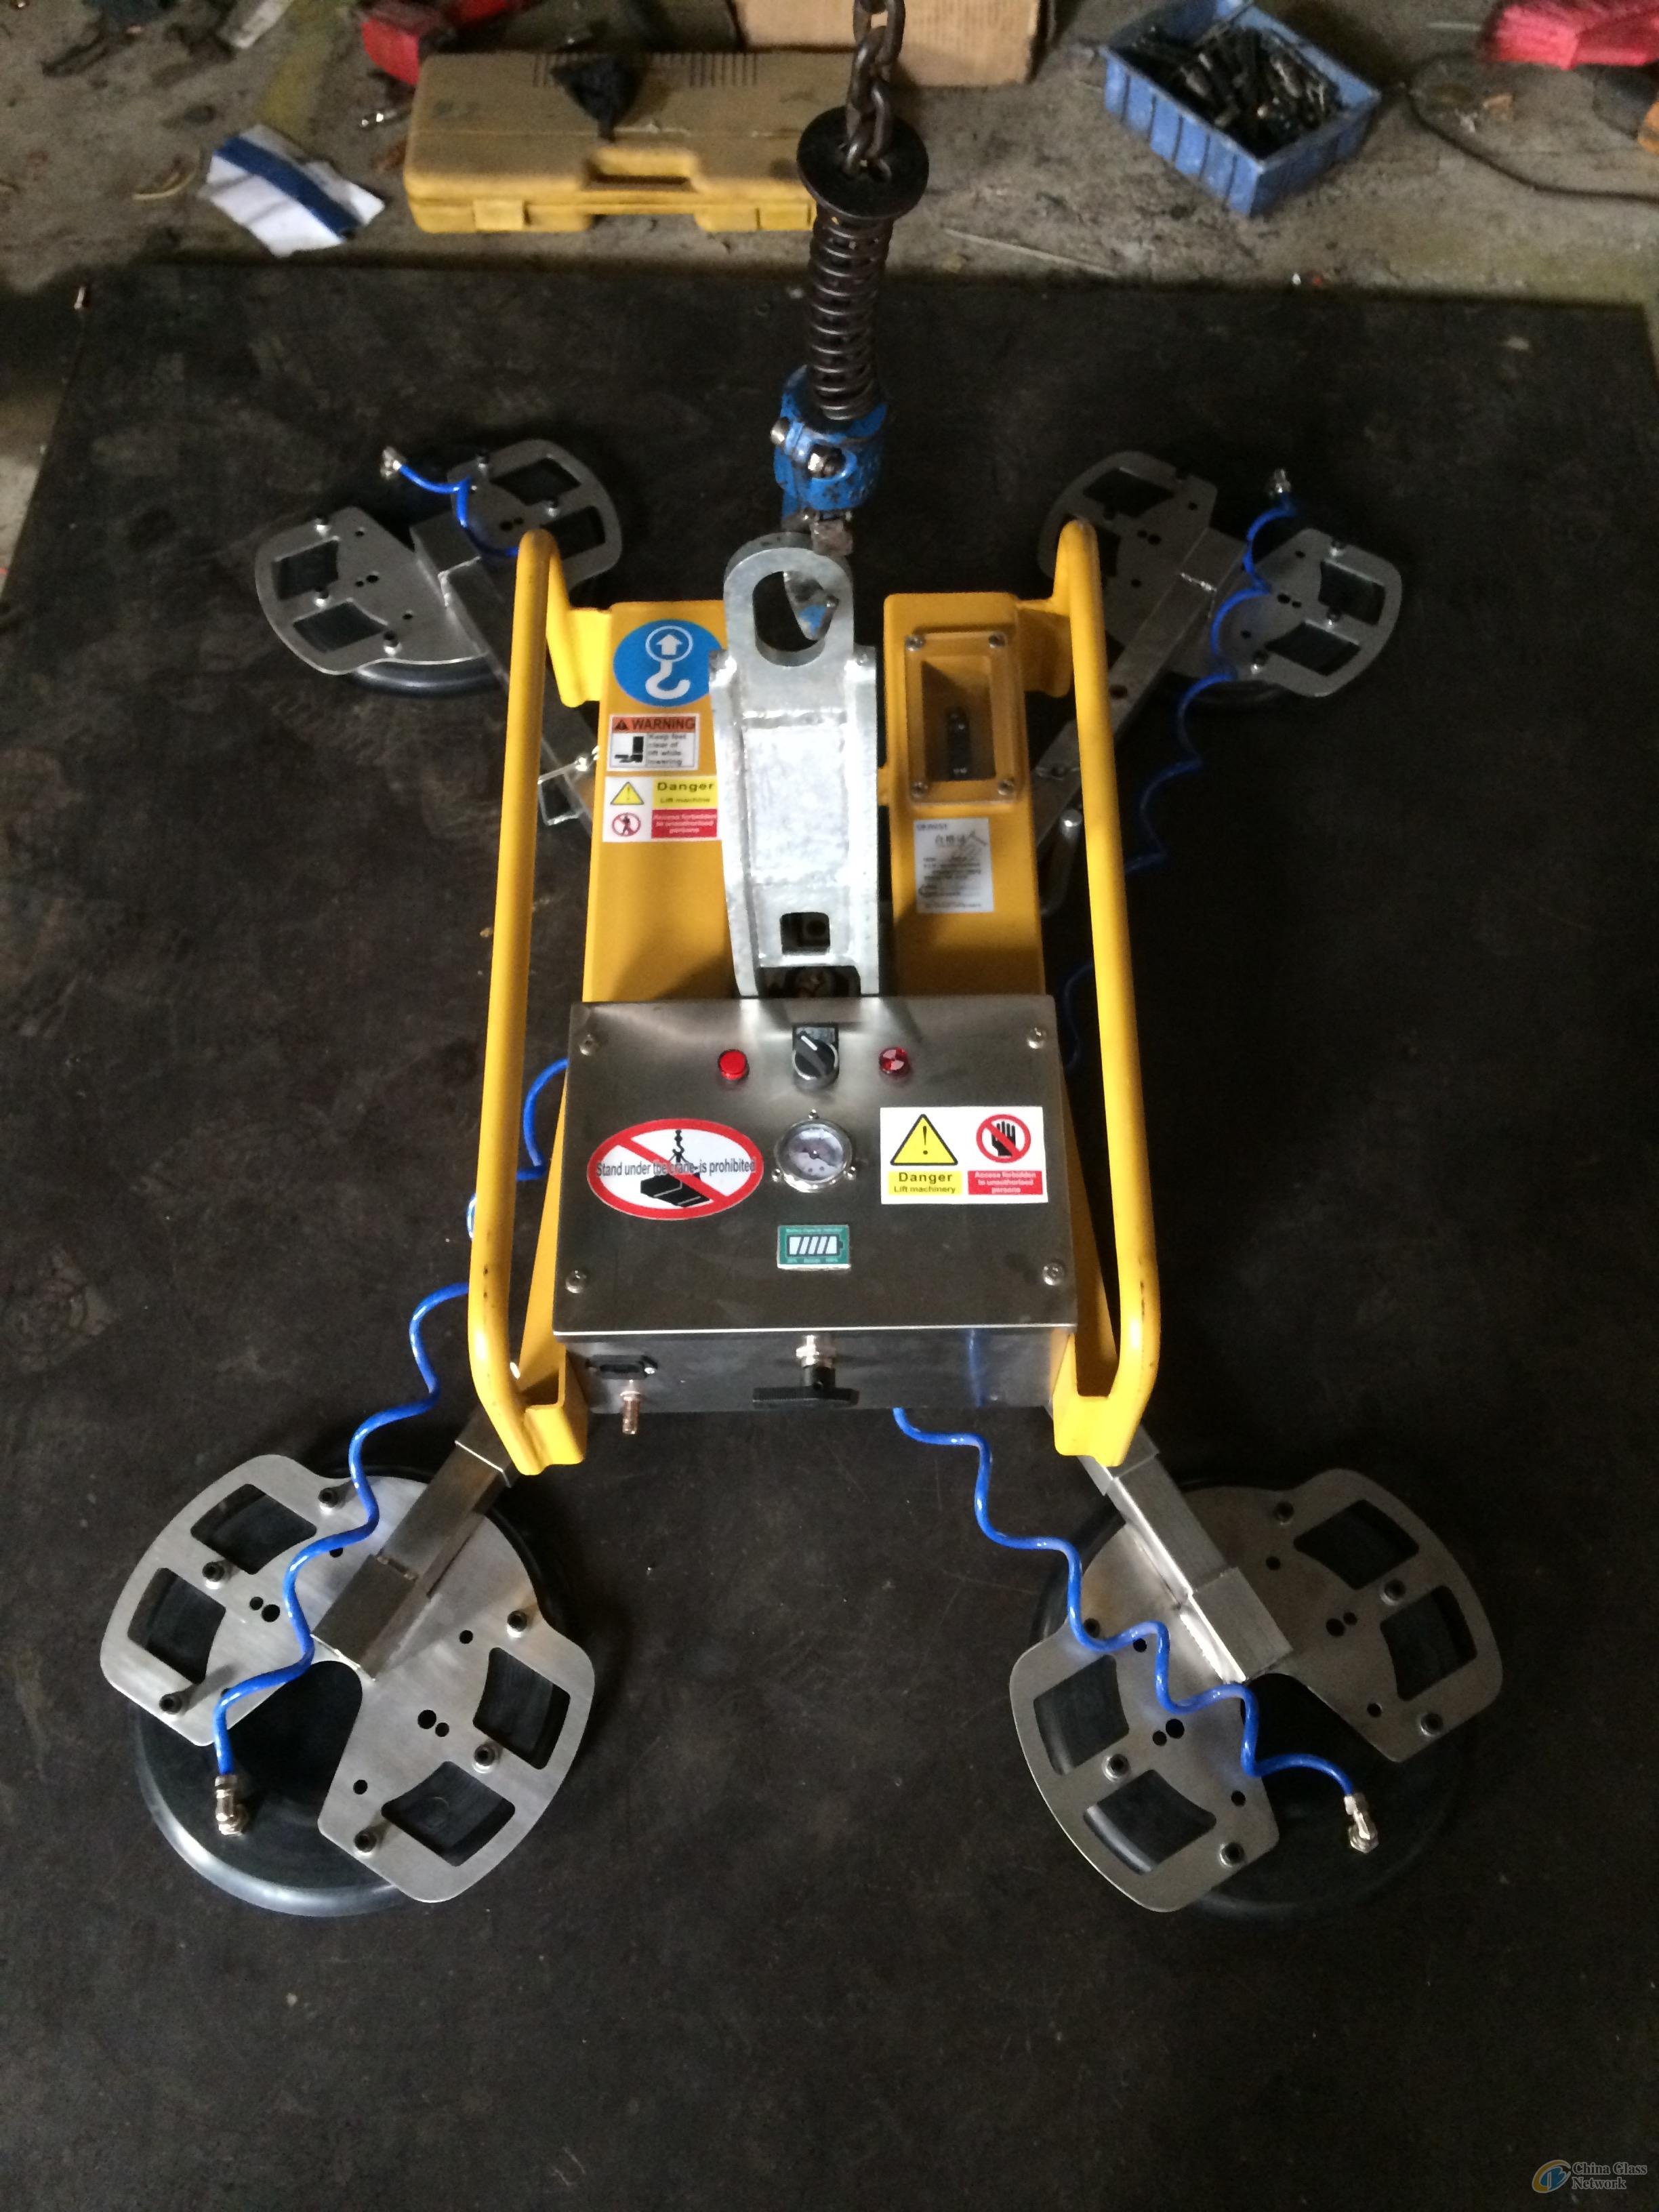 Battery powered glass lifter, glass sucker, glass vacuum lifter